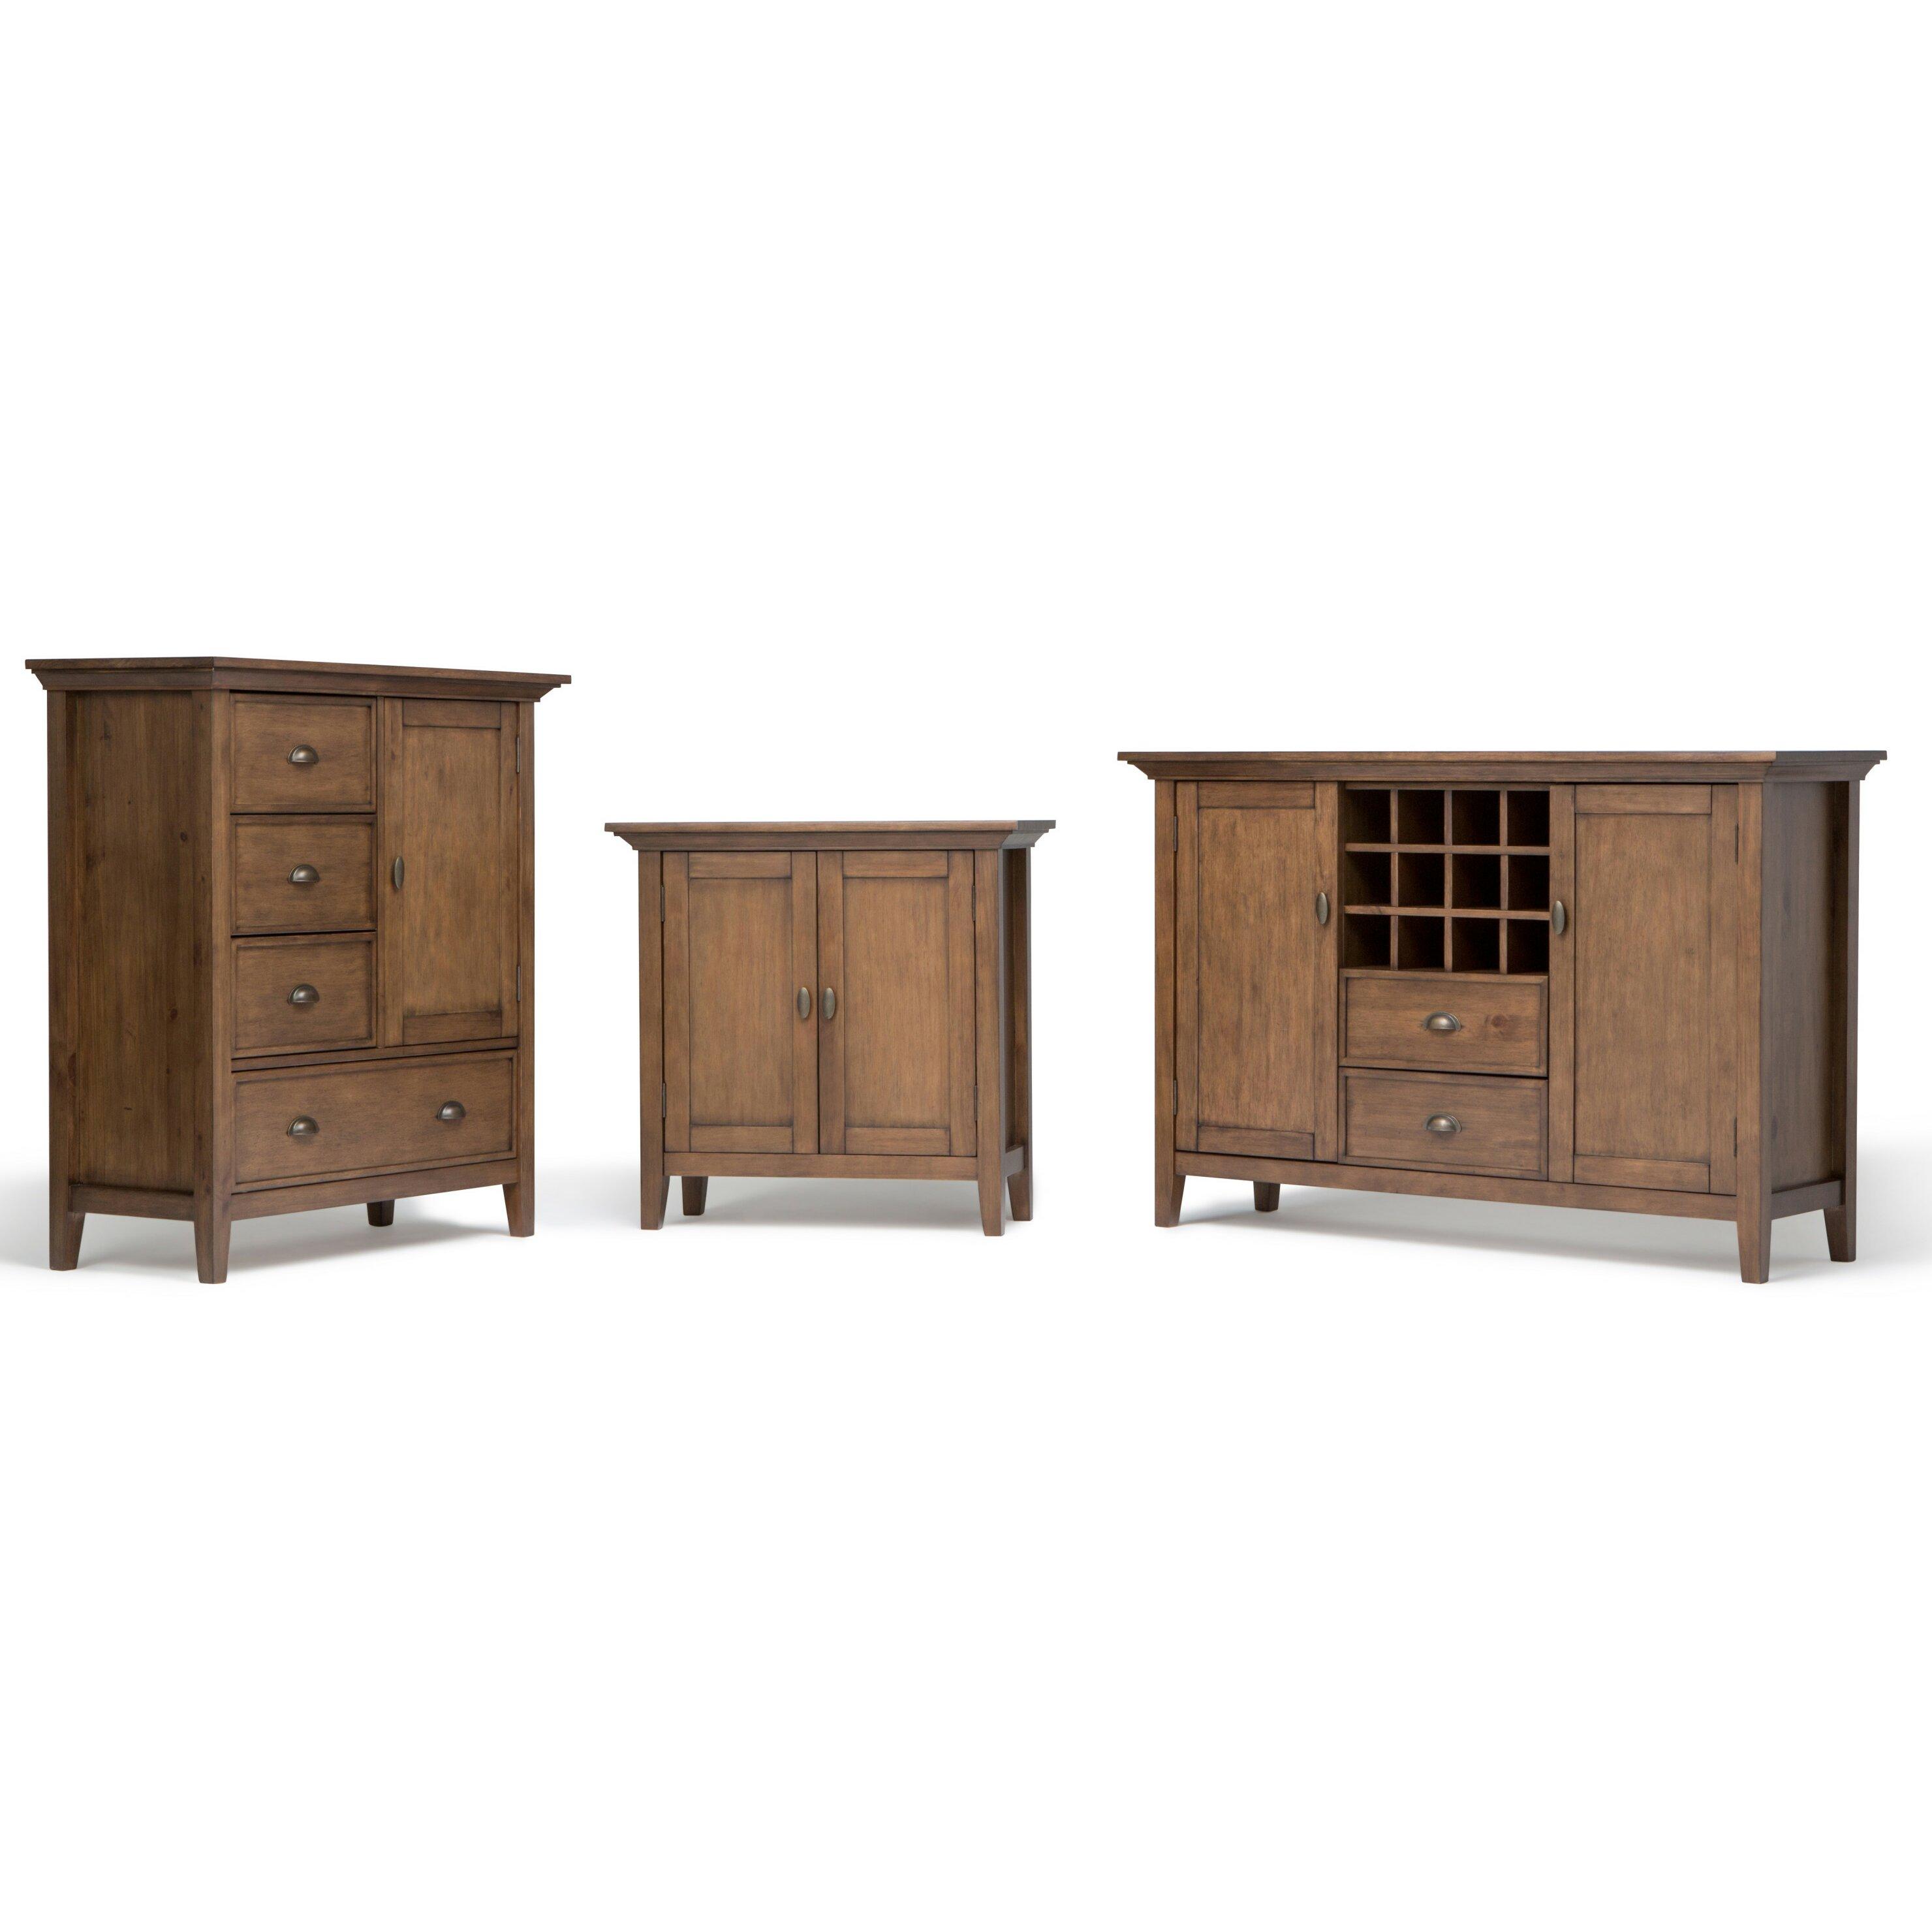 Low Storage Cabinet Simpli Home Redmond 2 Door Low Storage Cabinet Wayfair